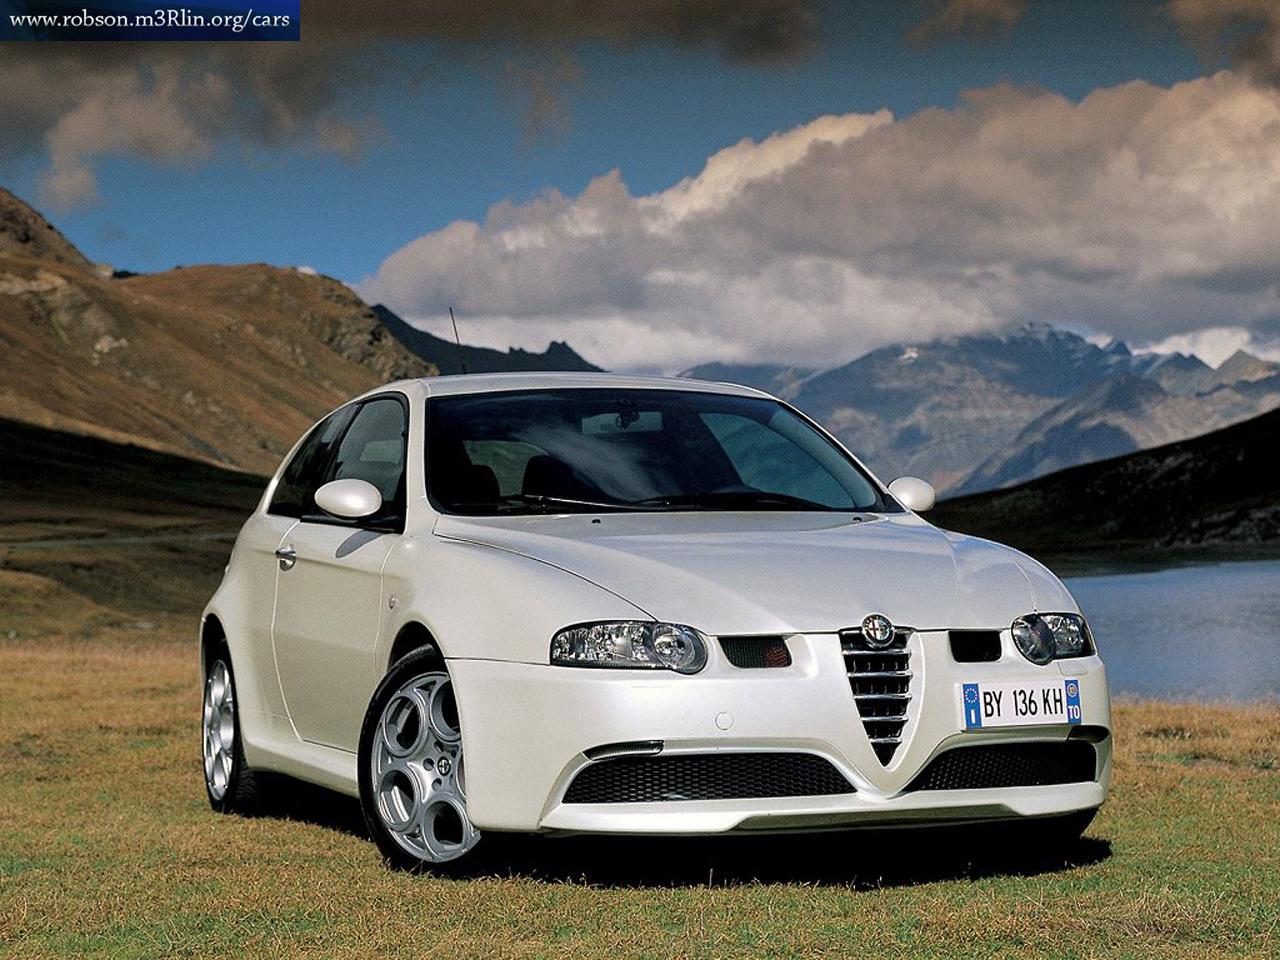 http://3.bp.blogspot.com/-7_7JQT_x24M/TVxdVvkHixI/AAAAAAAAA7I/OWx6ggqn_Sw/s1600/Alfa_Romeo_147_GTA_Wallpaper_17220114.jpg